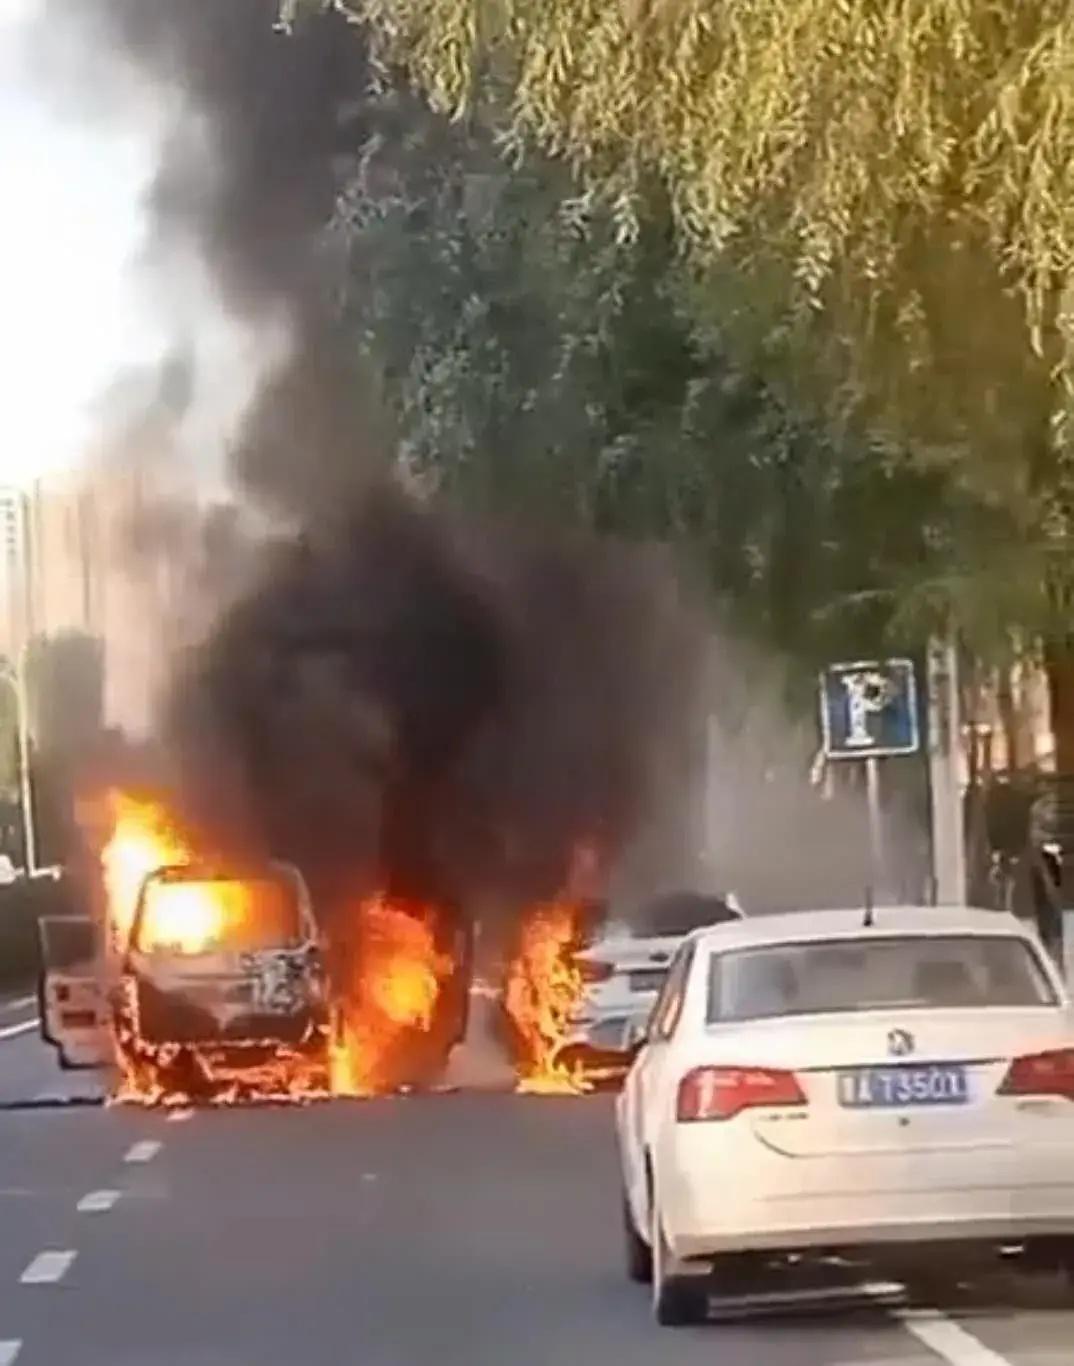 哈尔滨街头两车燃起大火,场面震撼